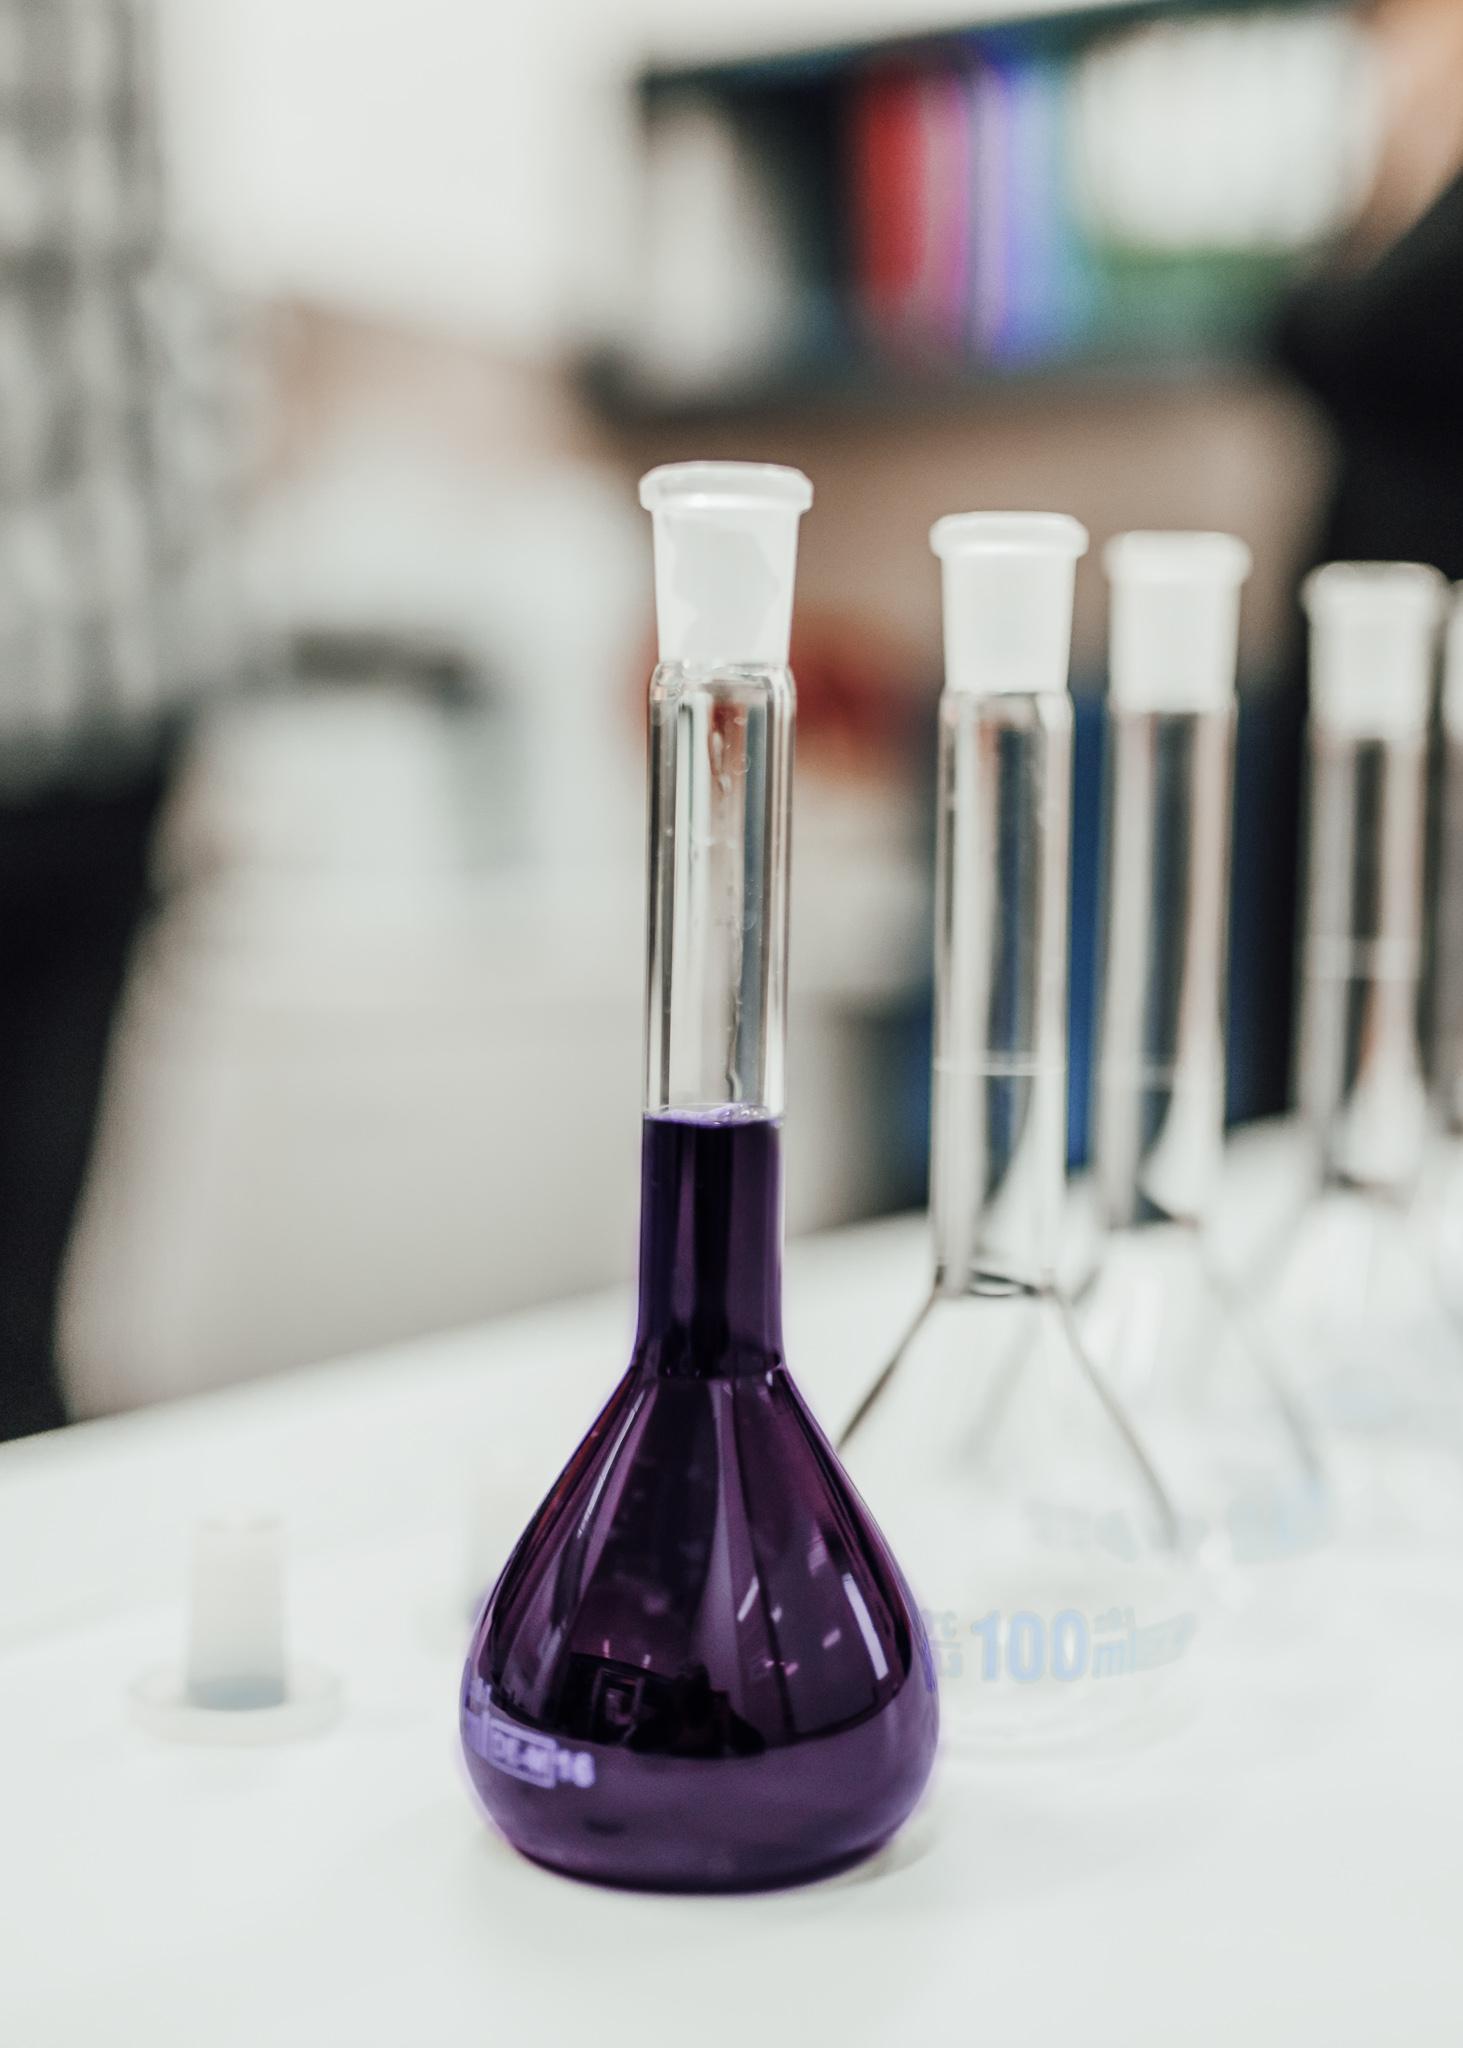 laboratorium pdo